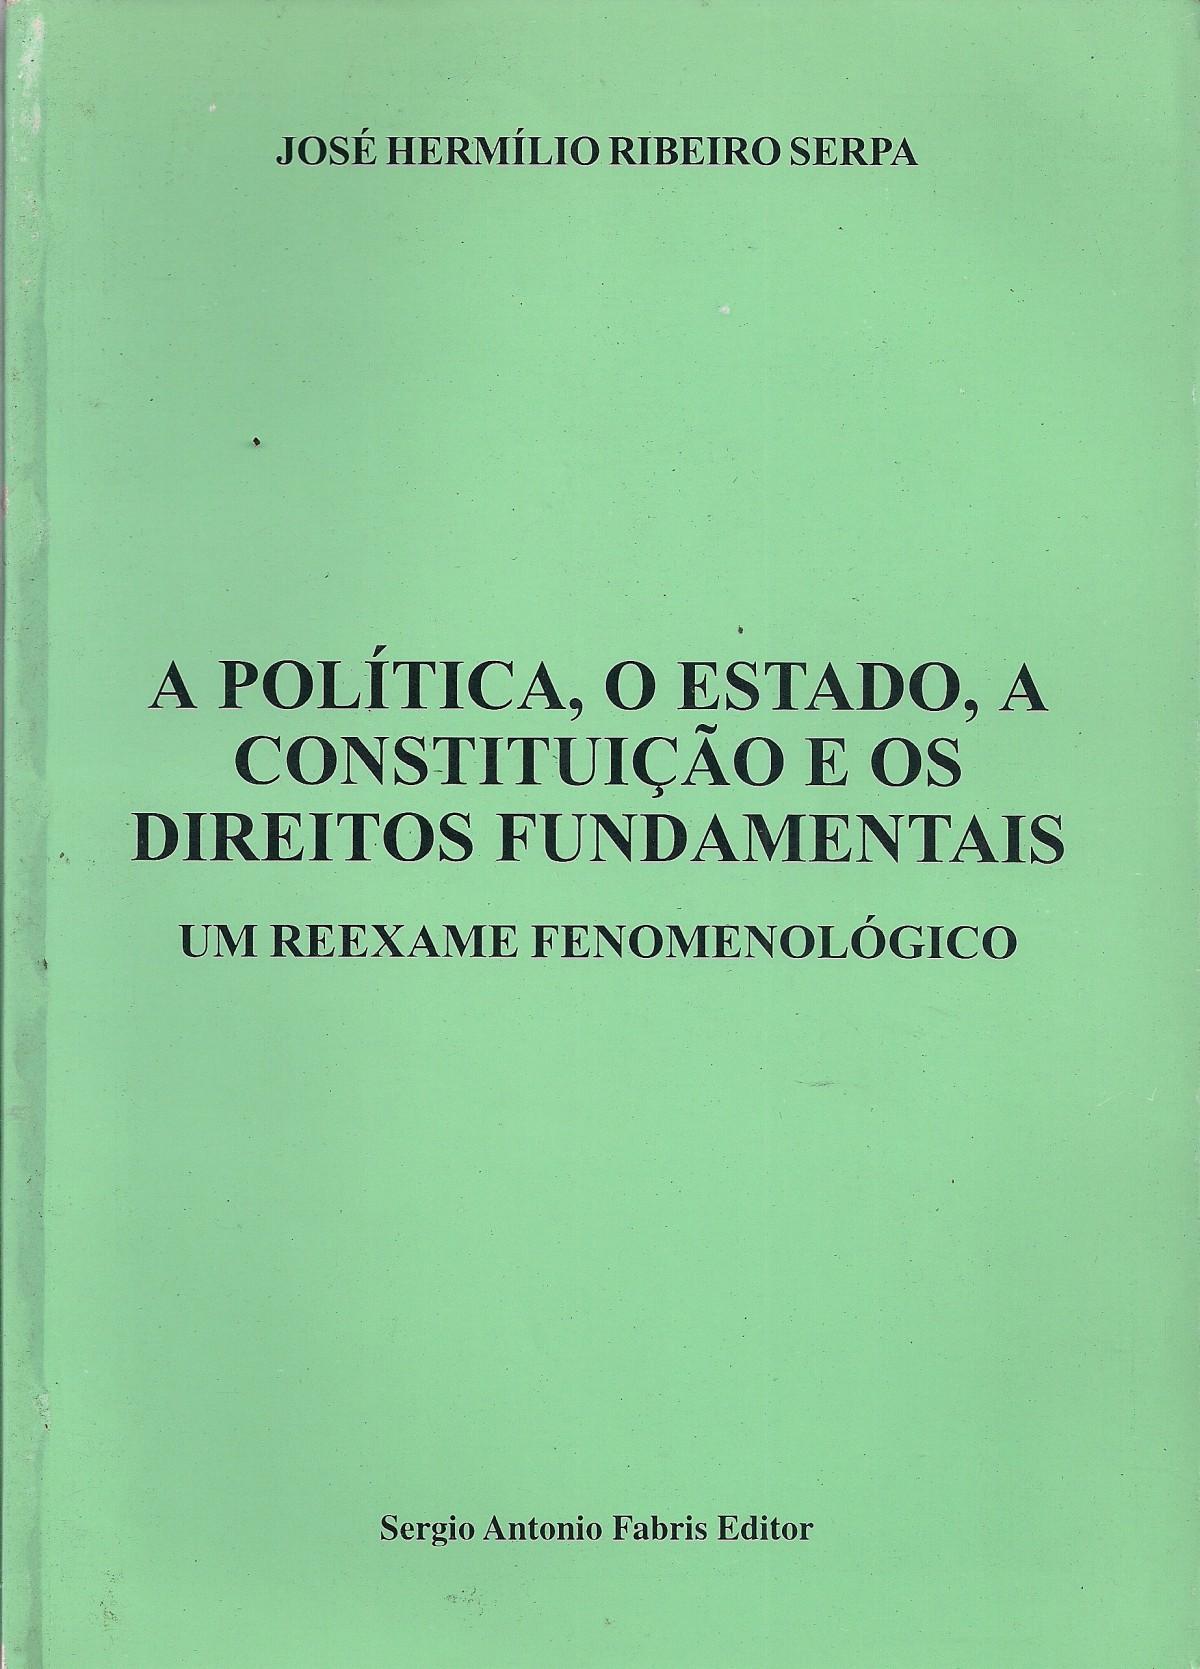 Foto 1 - A Política, o Estado, a Constituição e os Direitos Fundamentais: um reexame fenomenológico